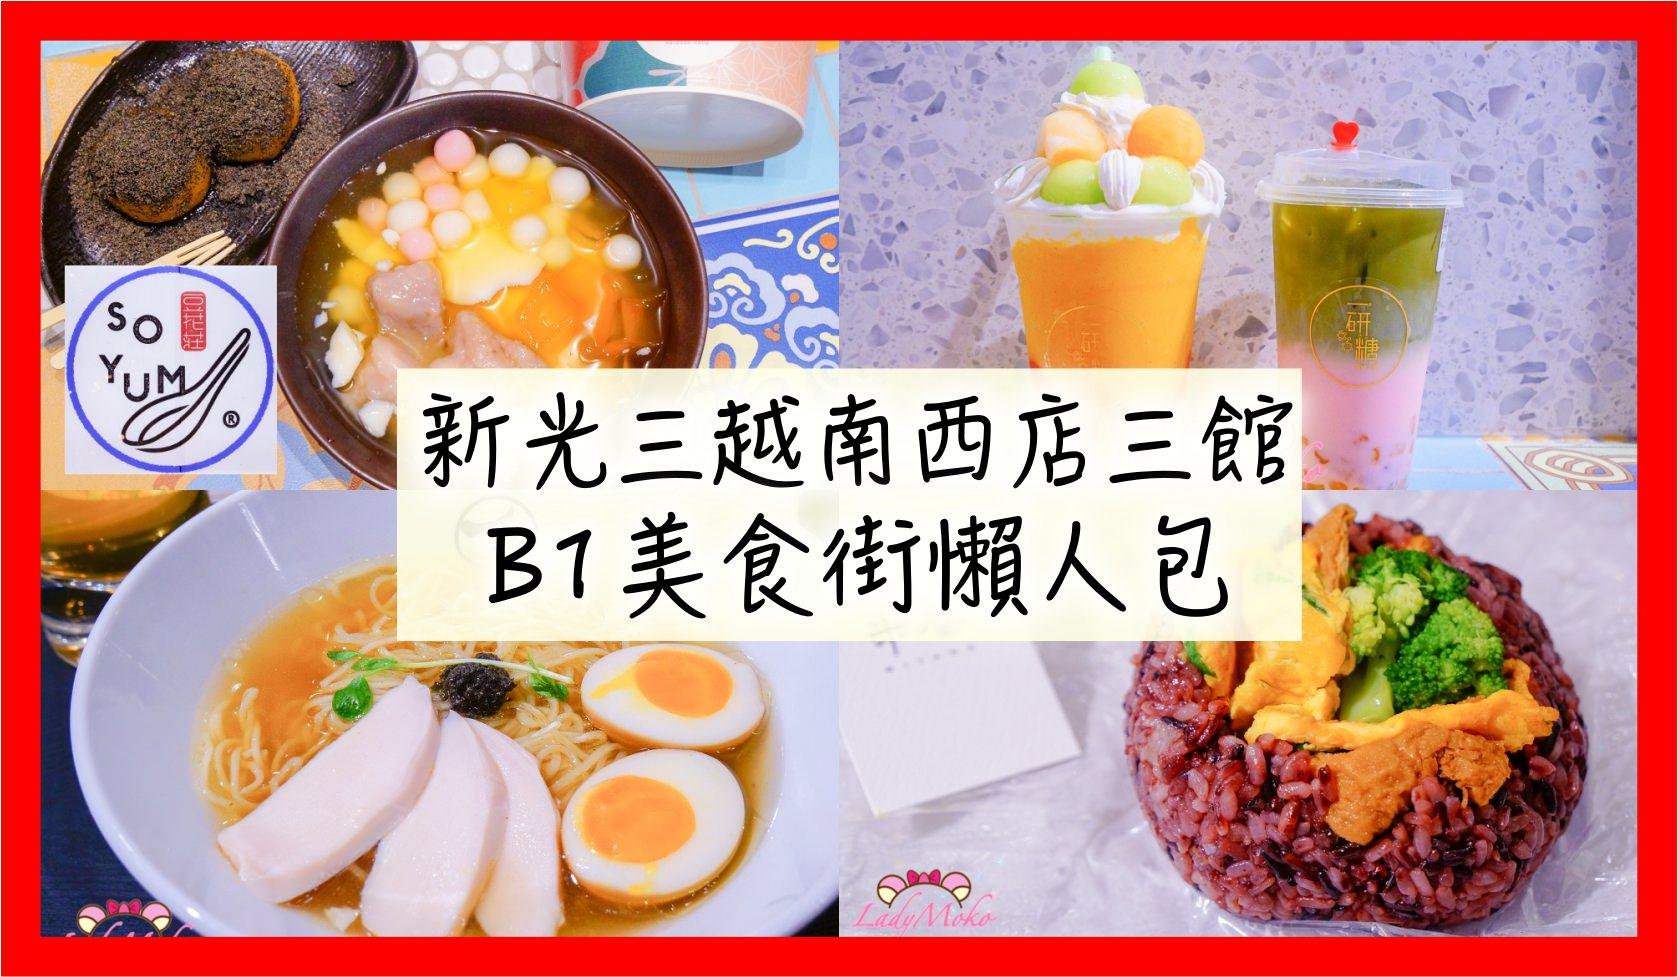 新光三越南西店三館B1美食街懶人包推薦美食攻略,中山美食推薦